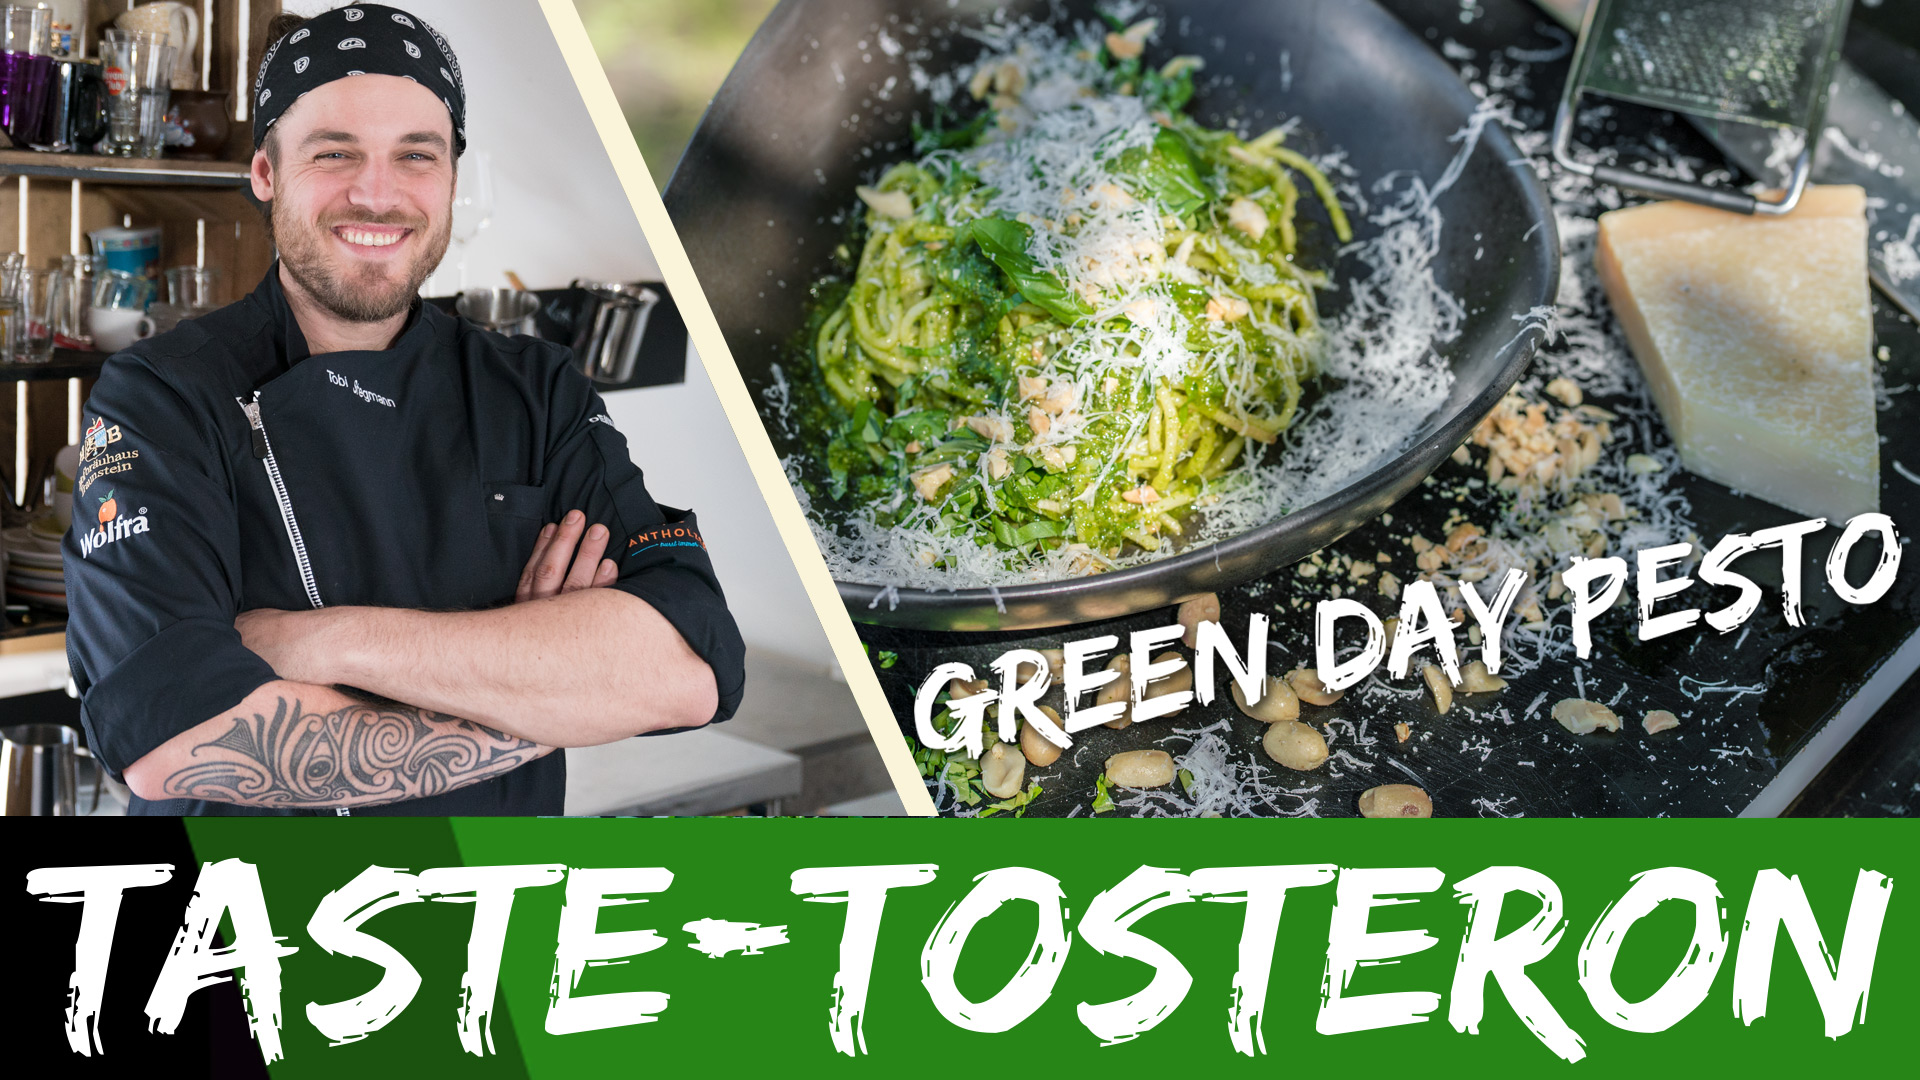 Taste-Tosteron: Green Day Pesto